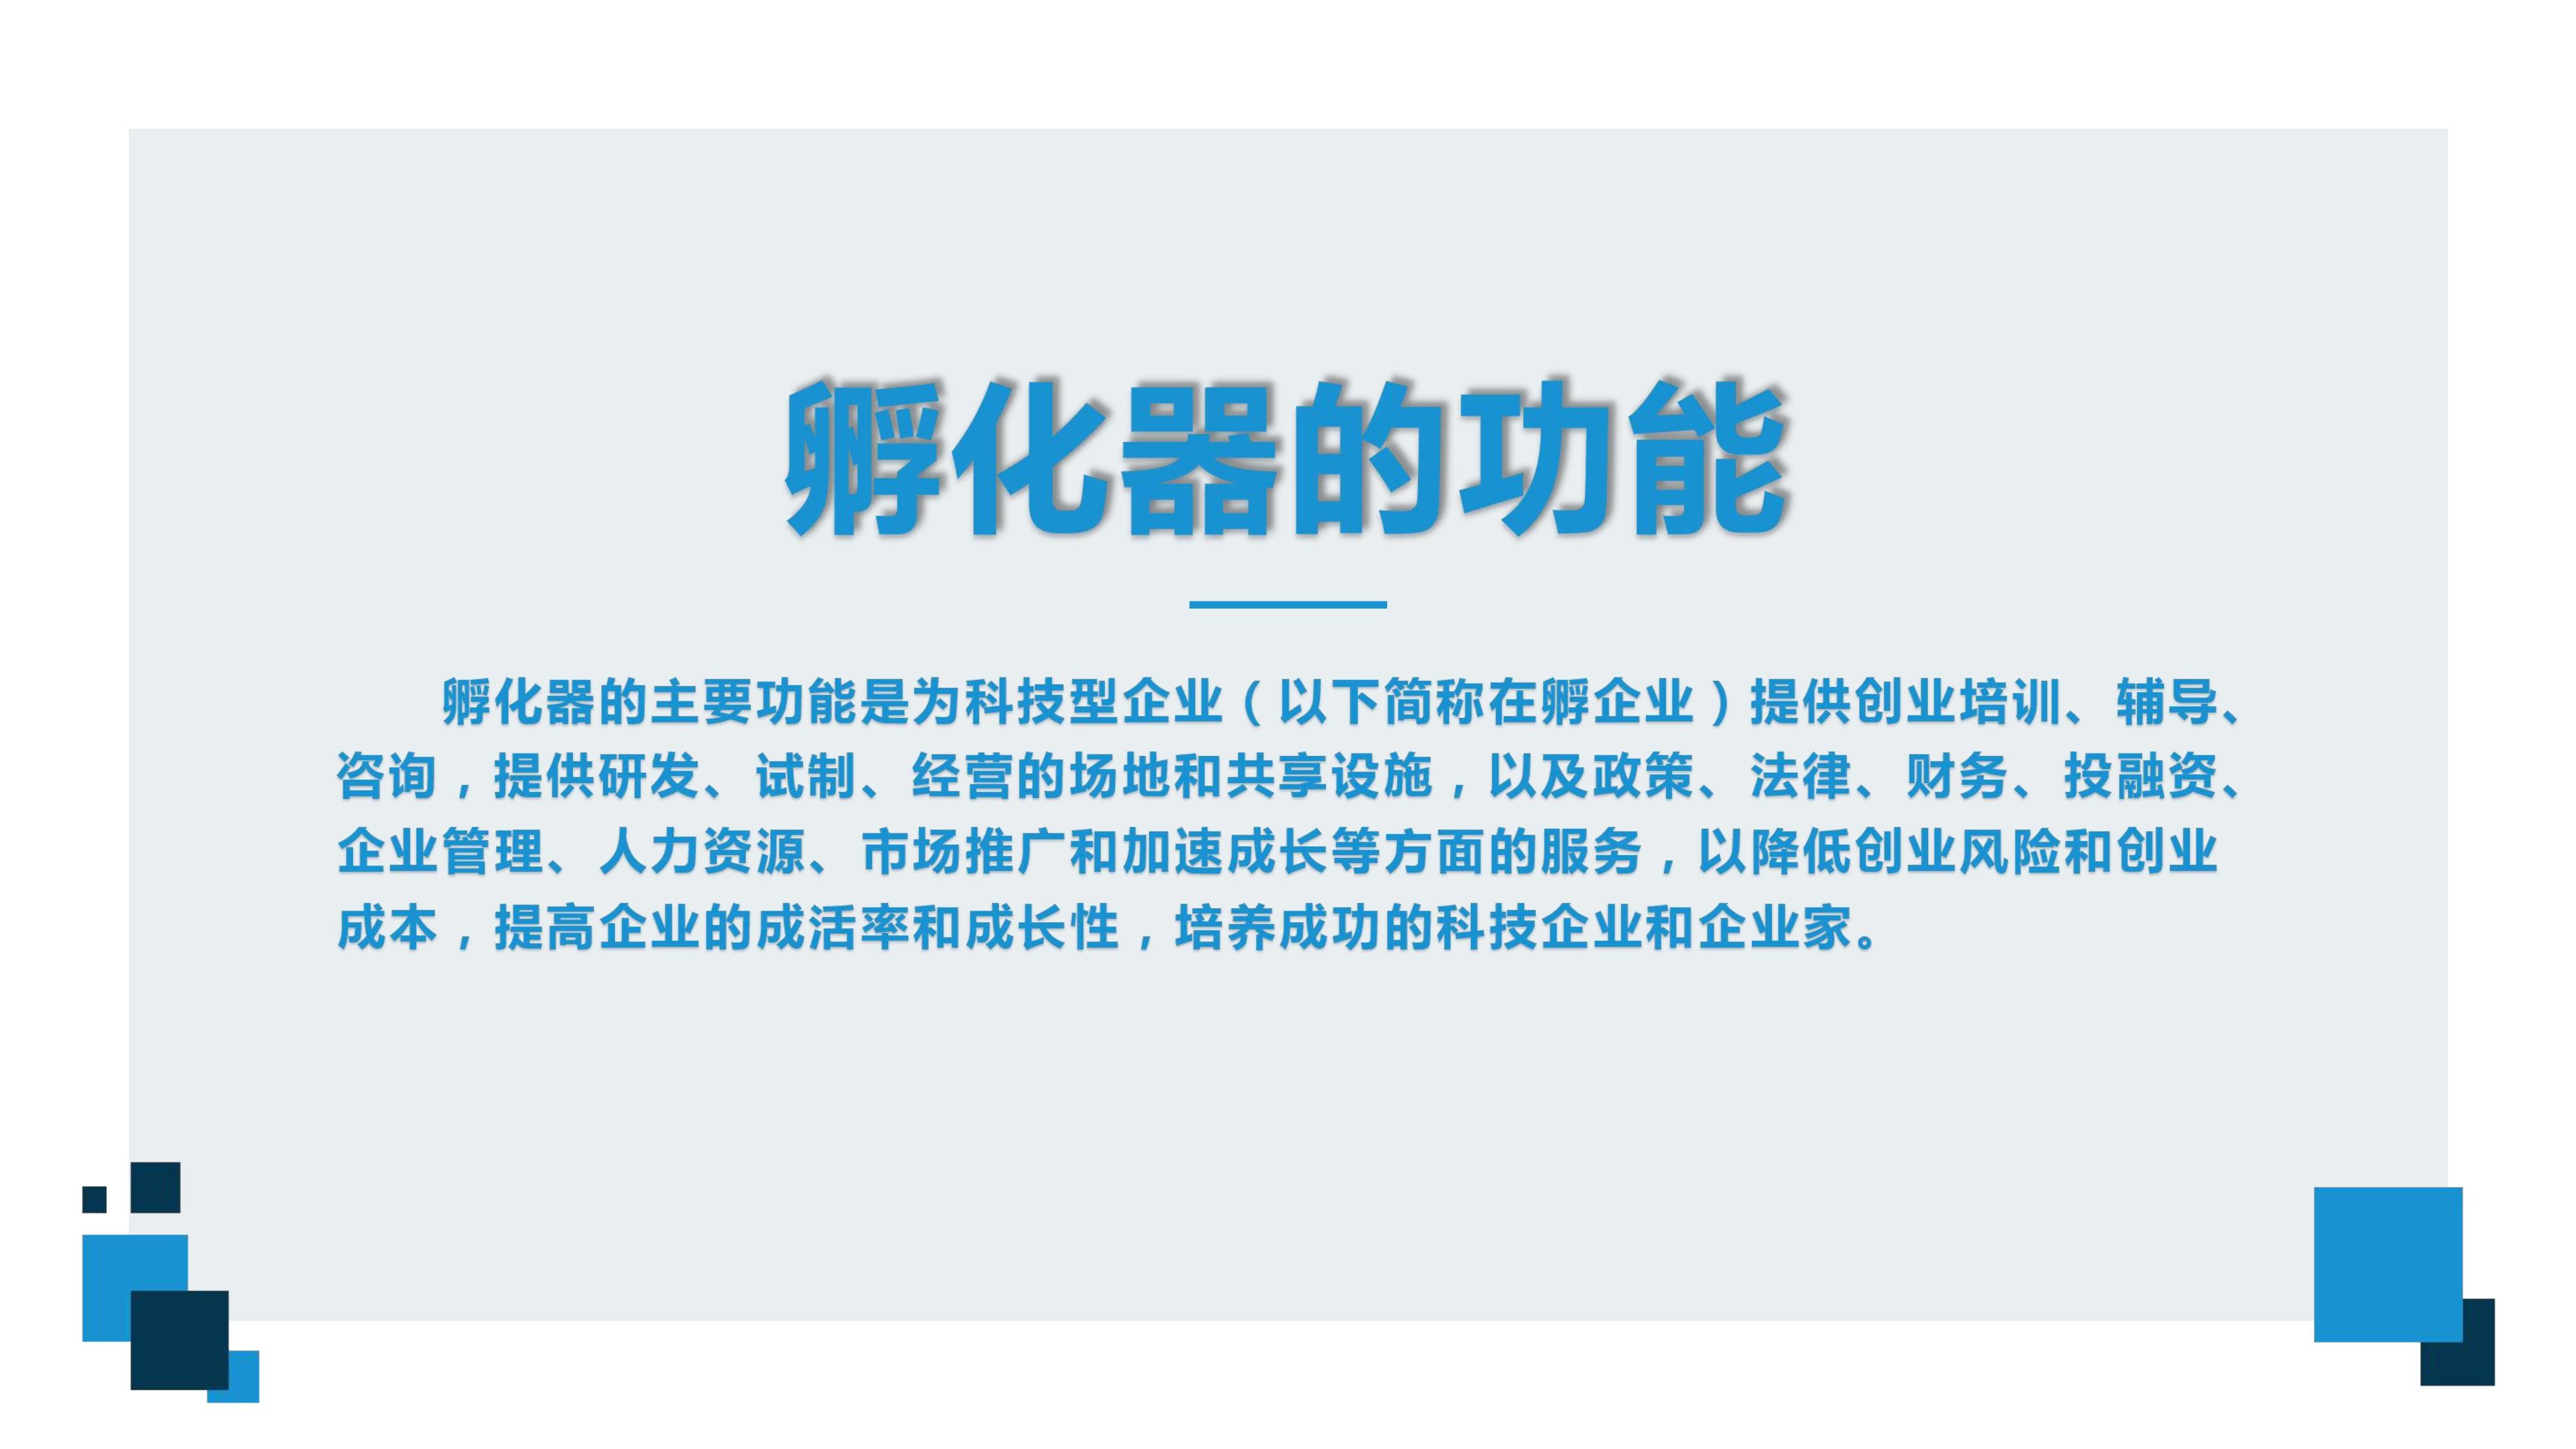 科技企业孵化器认定和管理办法-政策解读_5.jpg